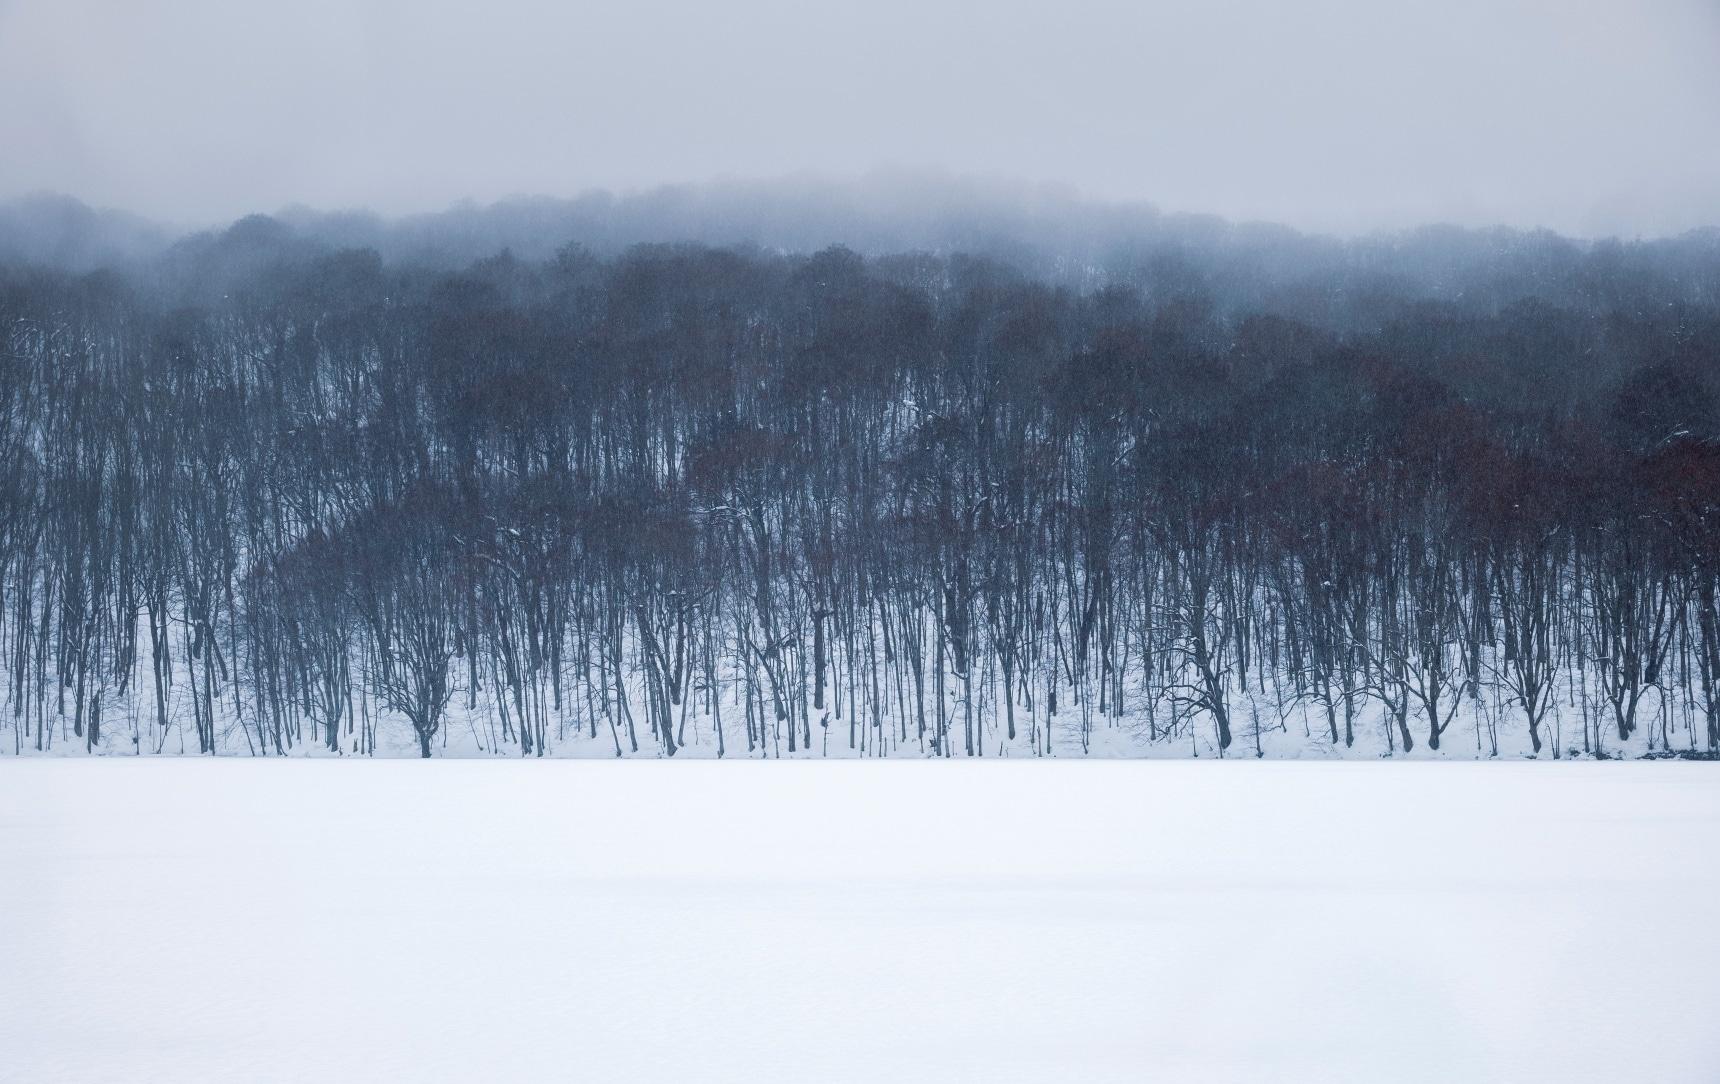 走訪冥想湖泊、奇幻濕地和療癒溫泉滿載的日本「十和田八幡平國家公園」